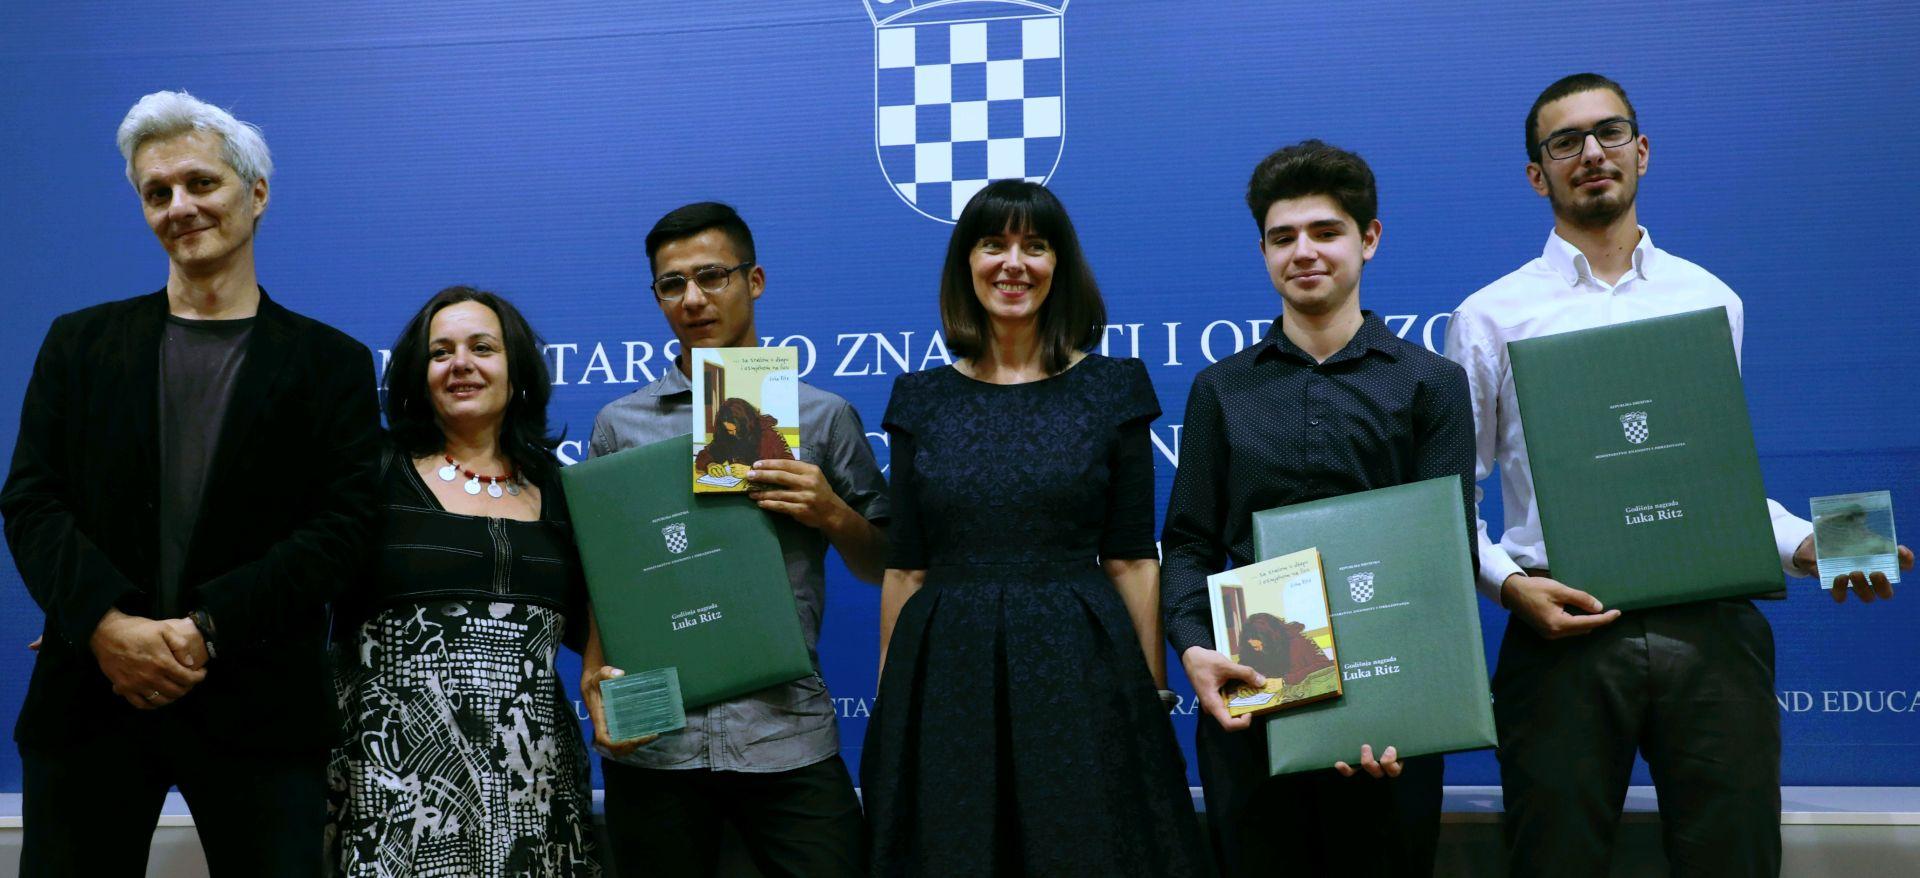 Dodijeljene nagrade Luka Ritz učenicima Karlu Koroni, Draženu Oršušu te priznanje Franu Markulinu